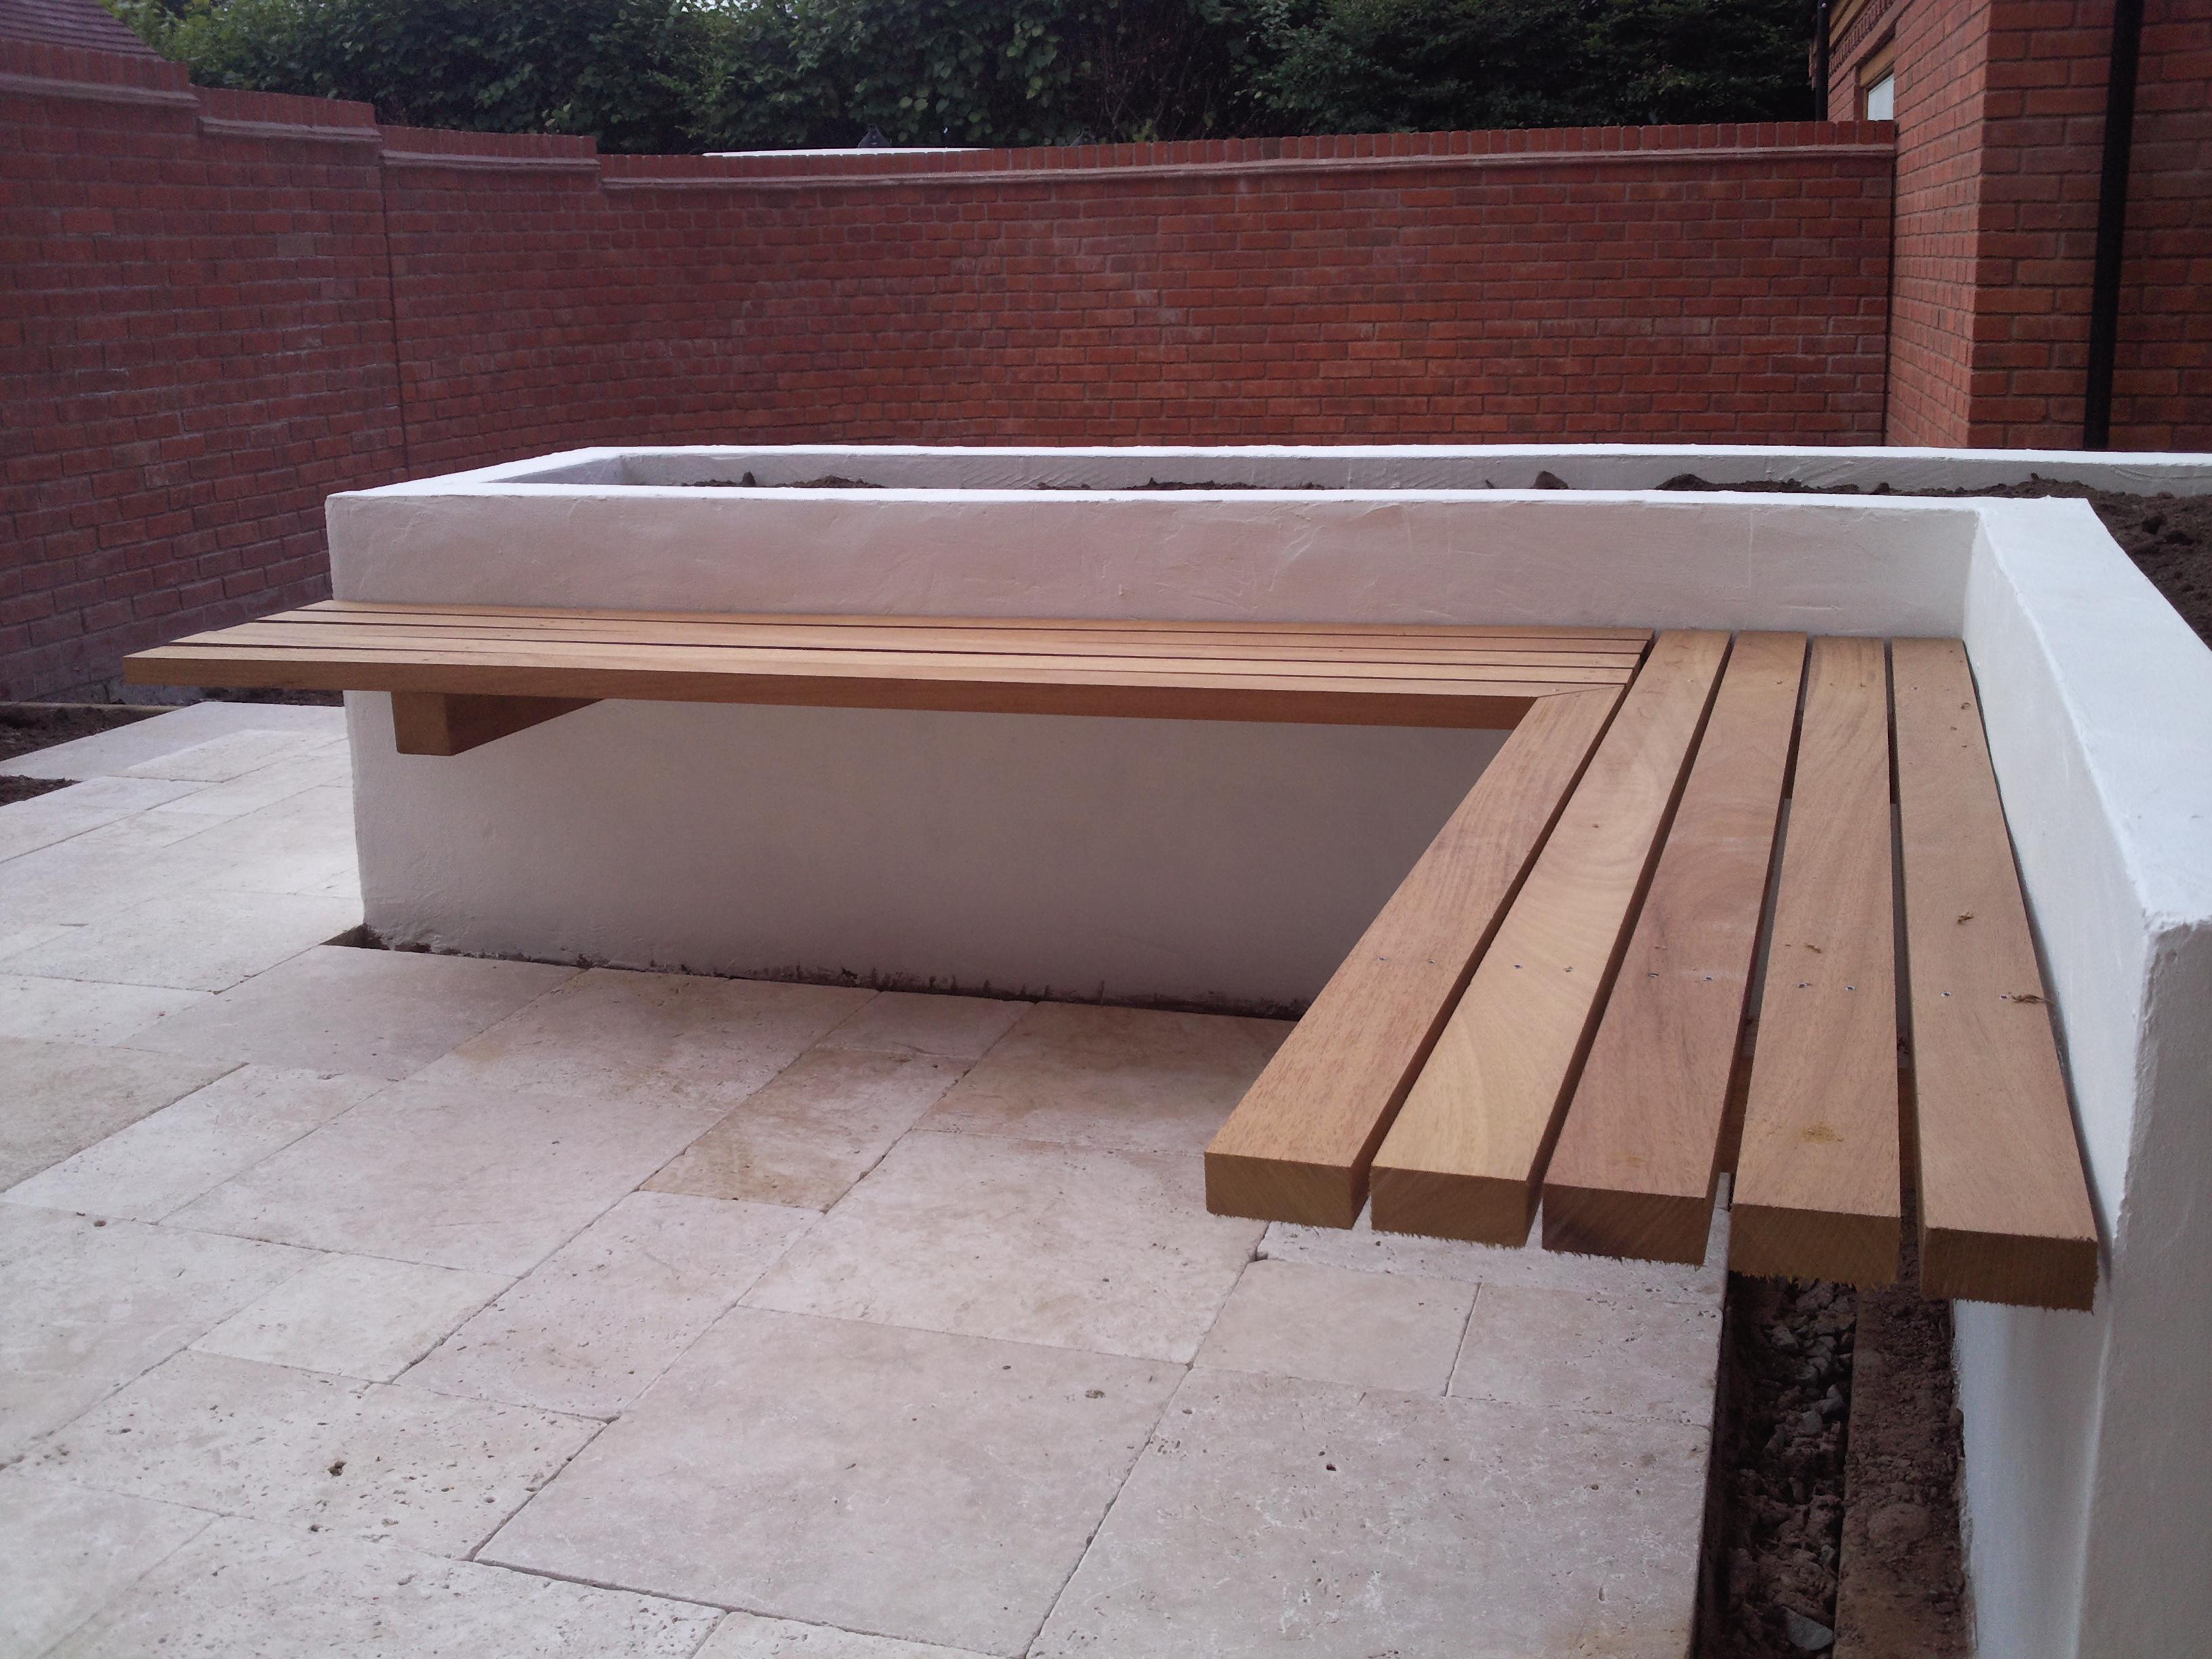 Cantalivered Bench Design Decorating